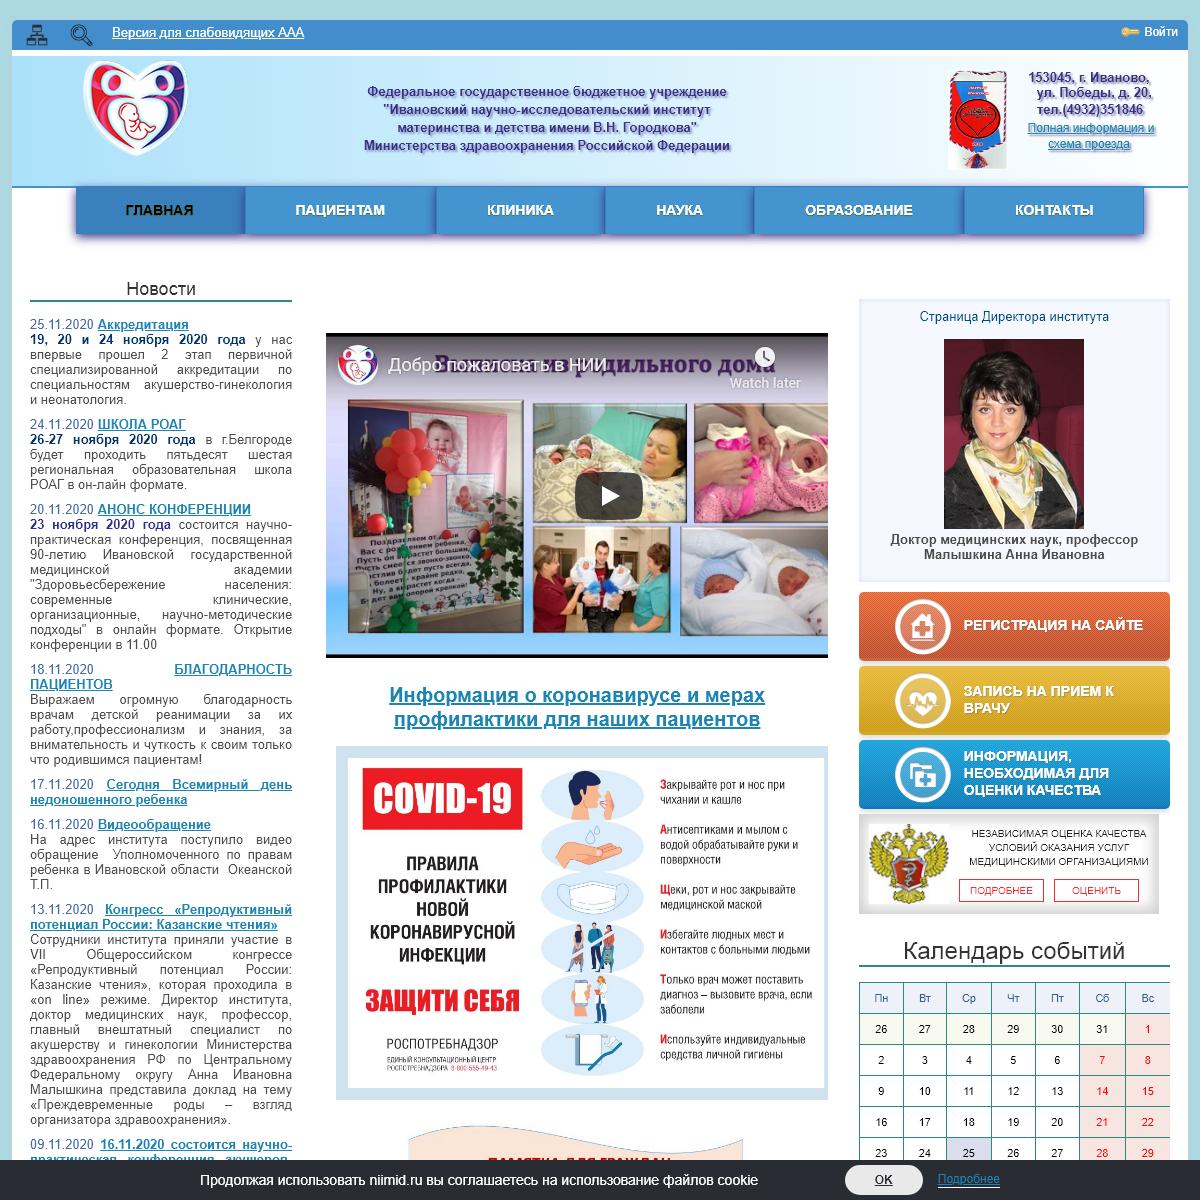 Ивановский научно-исследовательский институт материнства и детства �